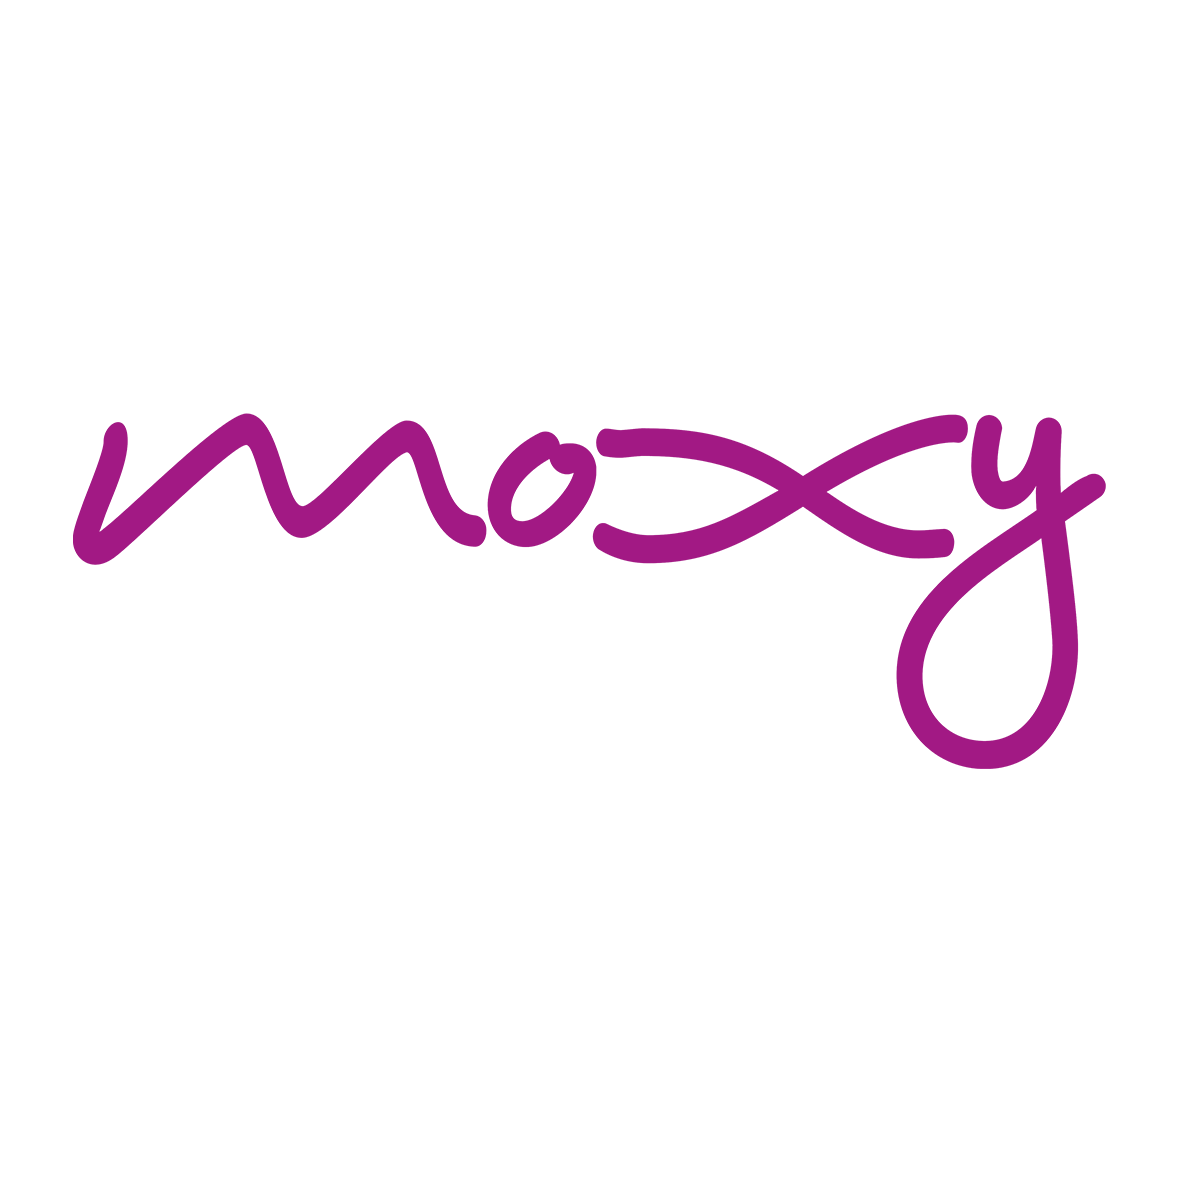 Moxy hotels logo HoCoSo Track record